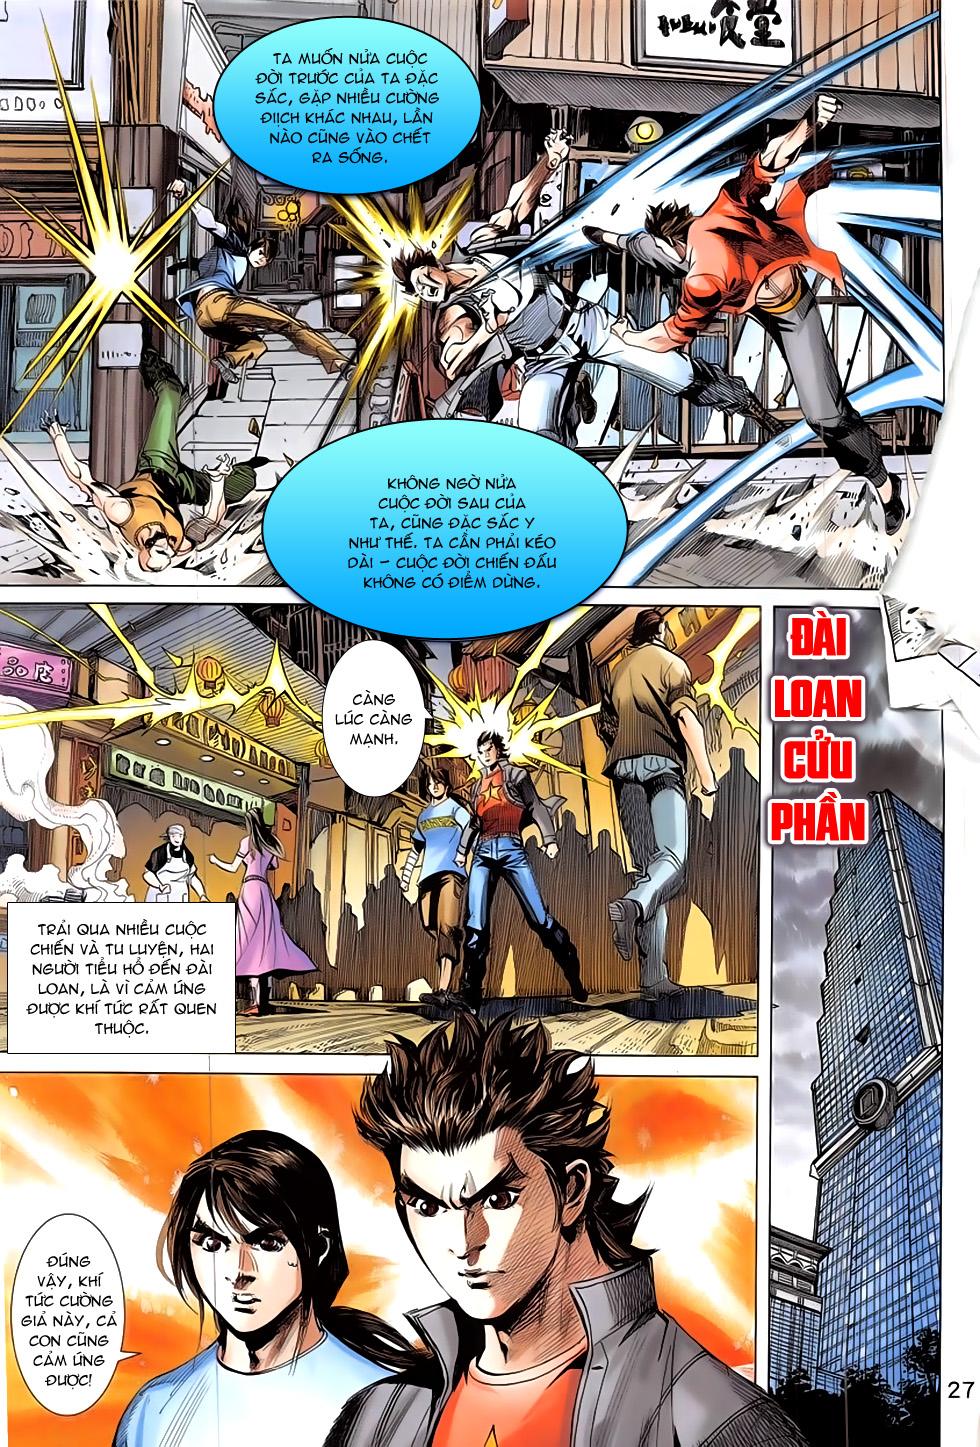 Đông Phương Chân Long chap 66 - Trang 27